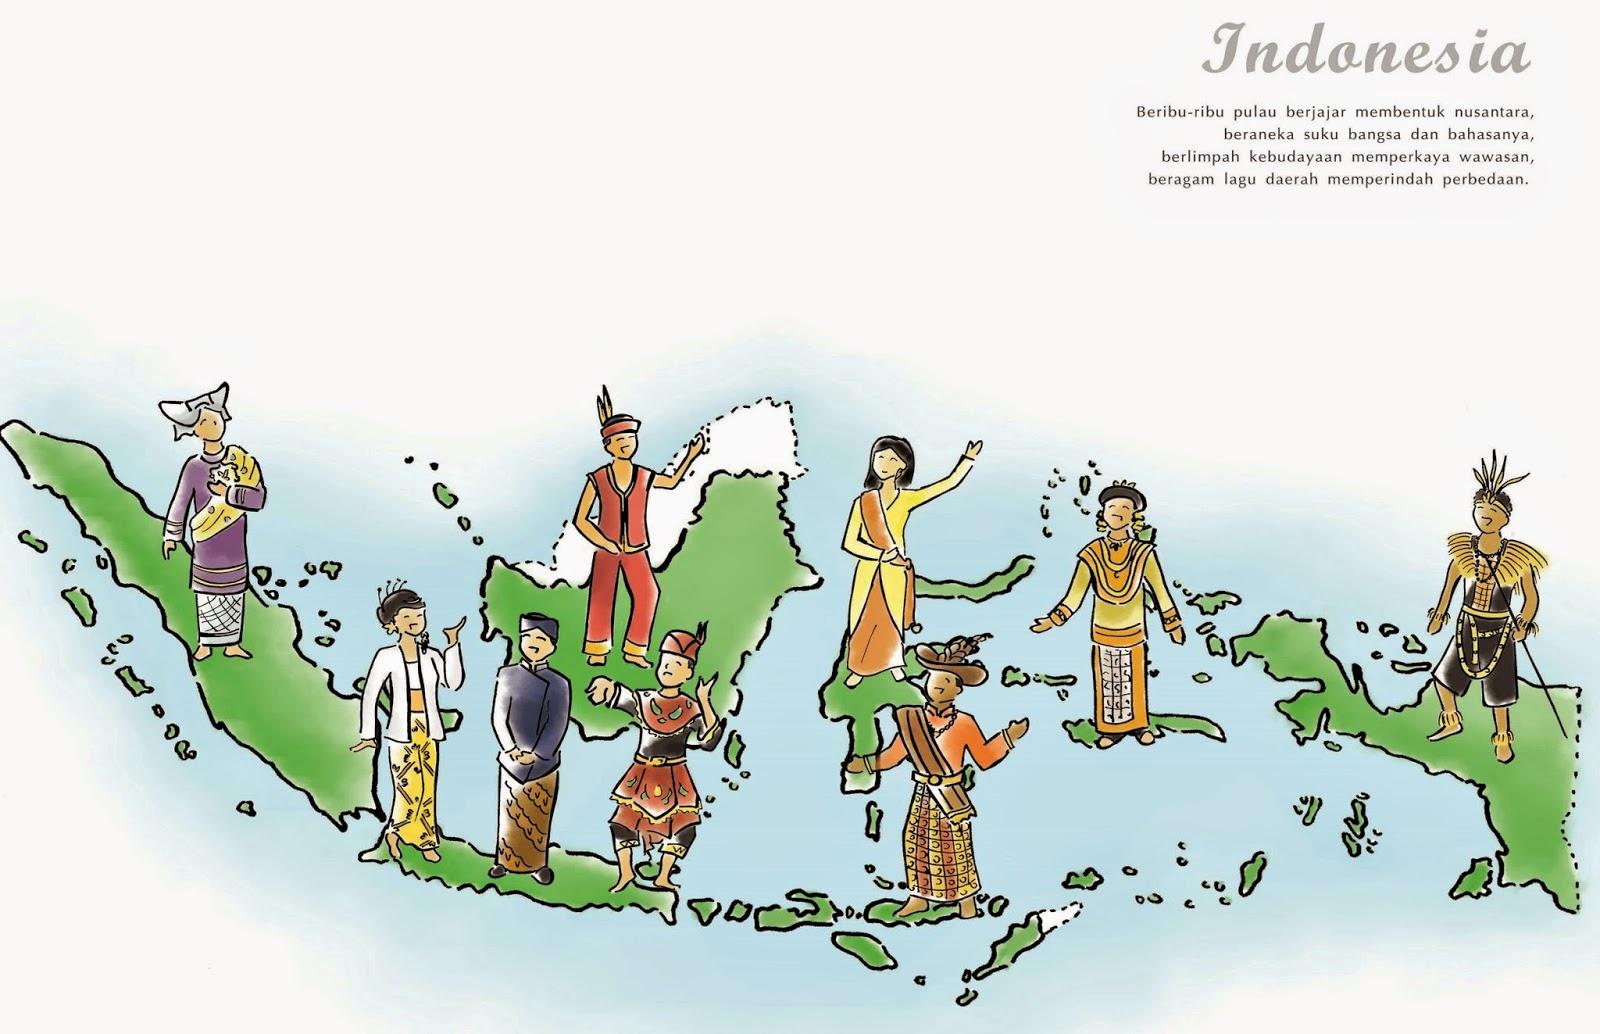 Indonesia dari Sabang sampai Merauke